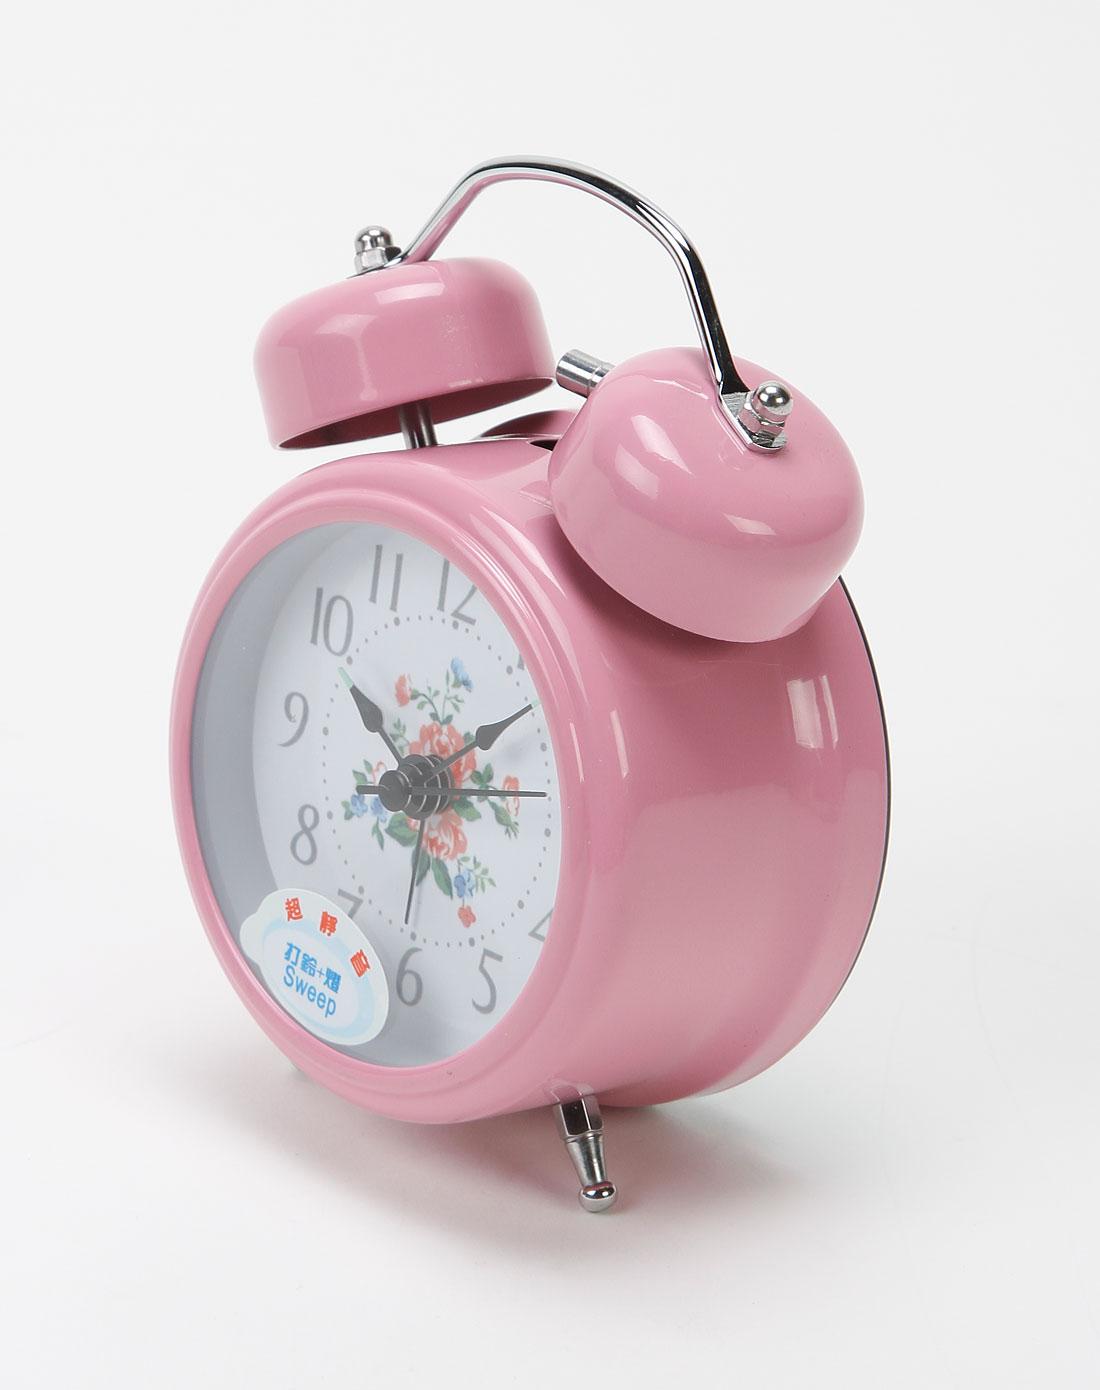 粉红色欧式静音闹钟